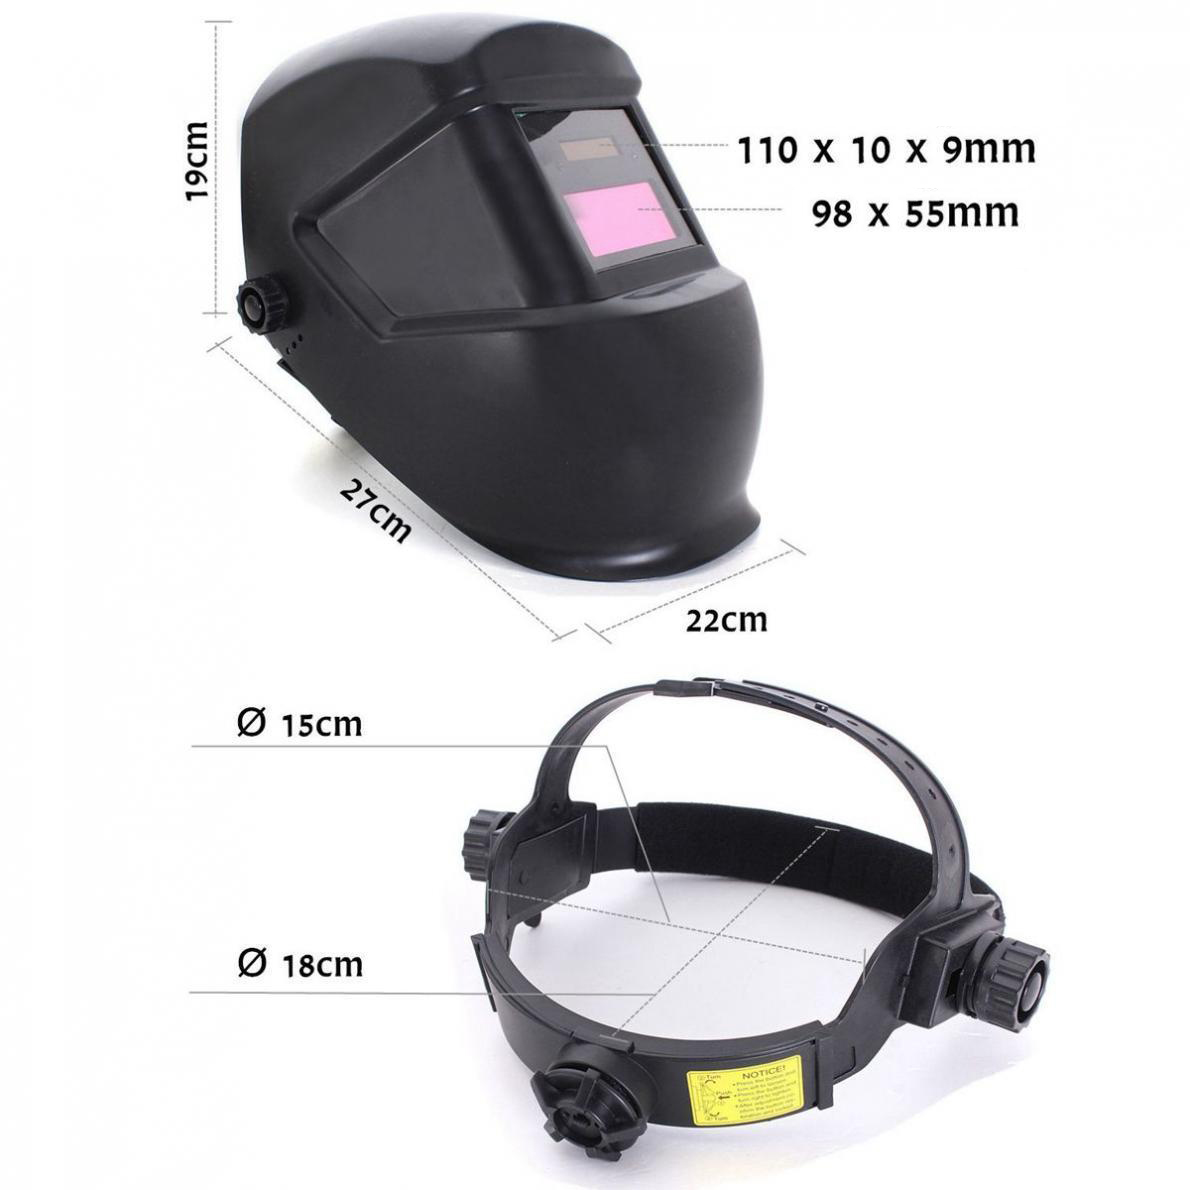 Image of Masca de protectie pentru sudura LCD cu reglaj